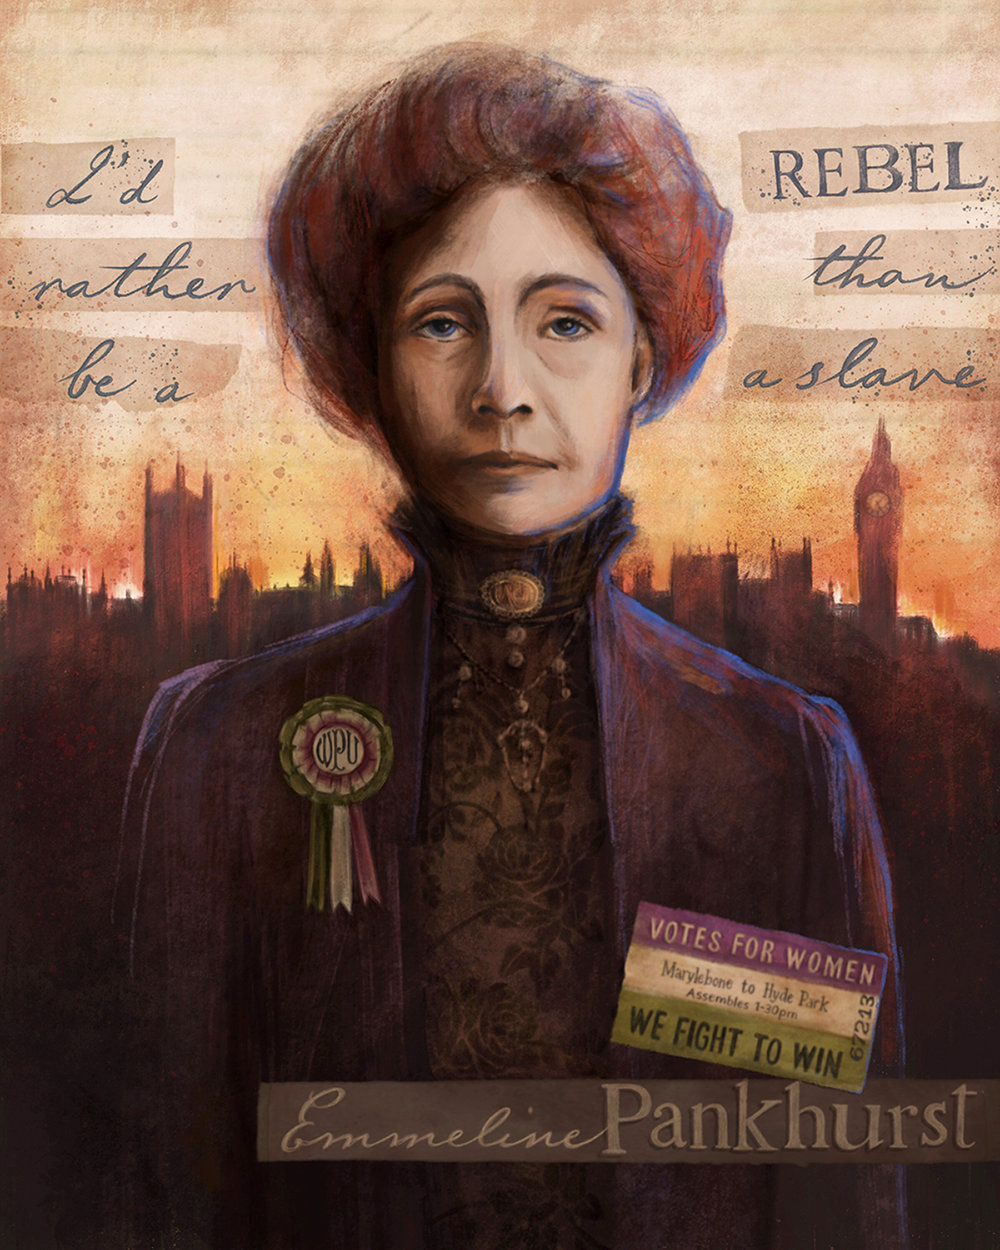 Rebel - Emmeline Pankhurst